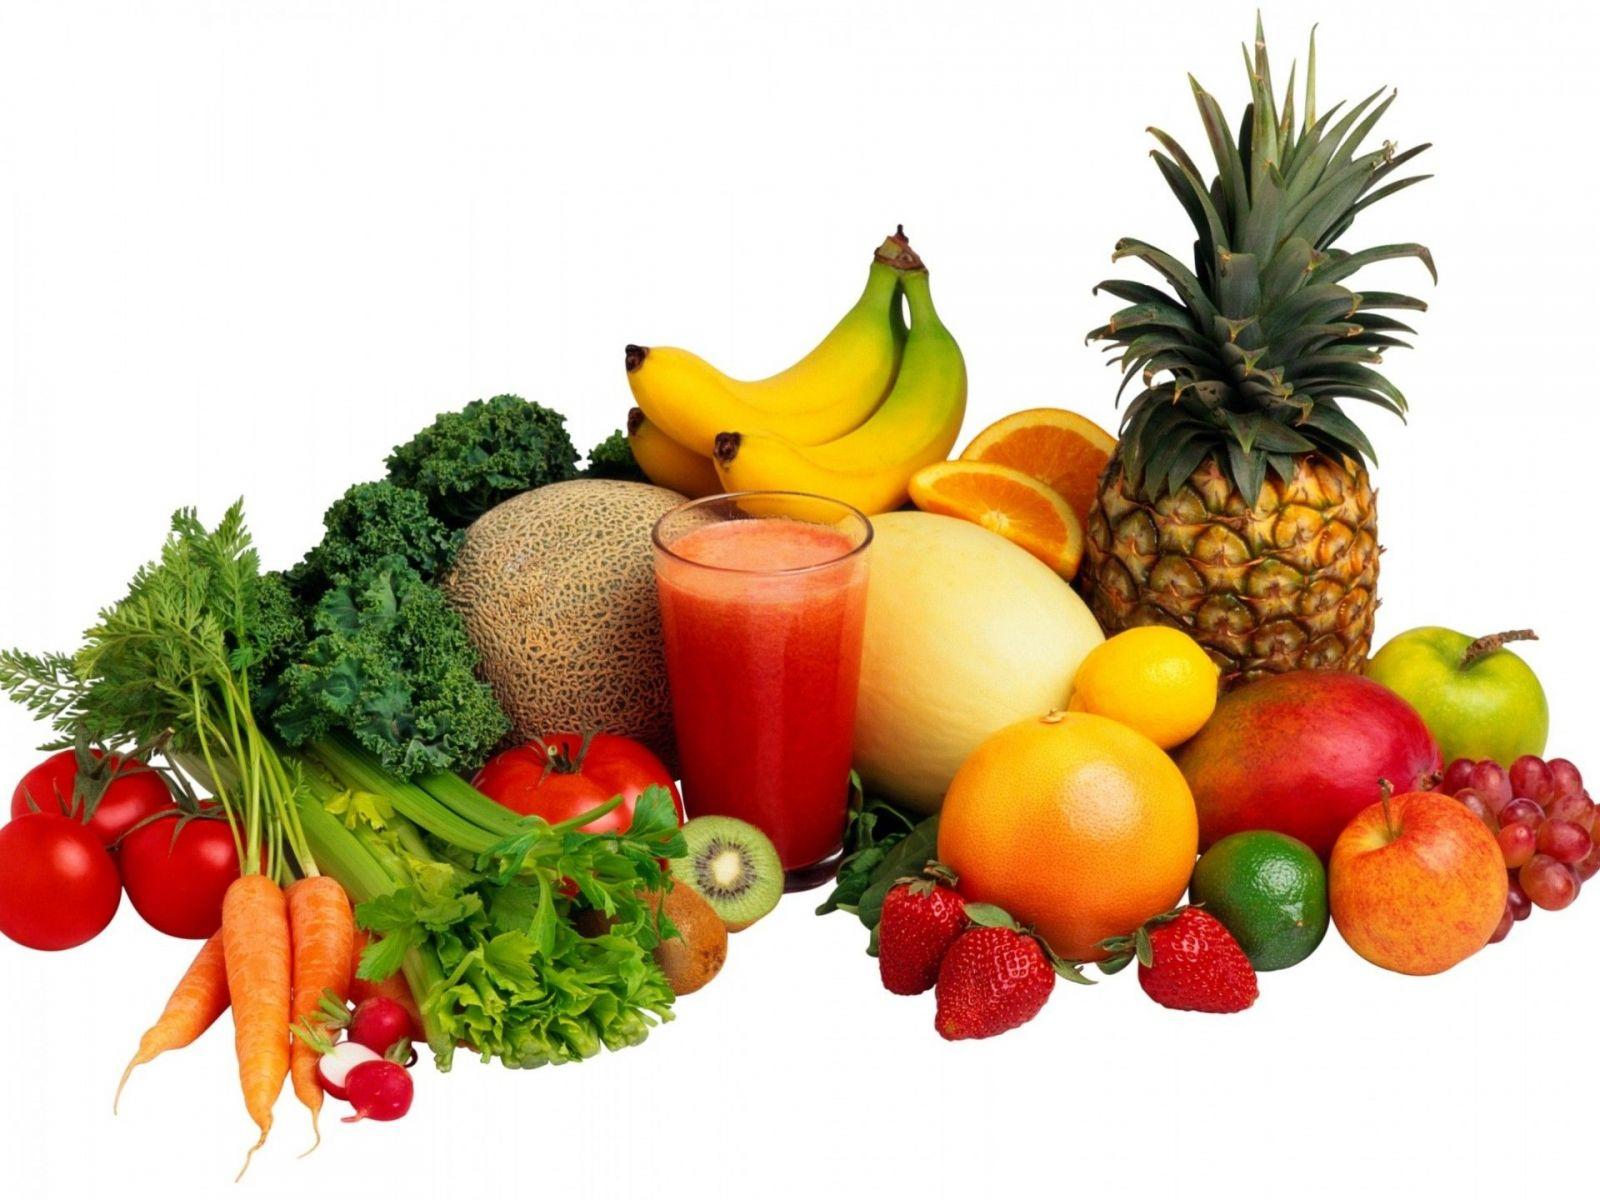 Rau xanh, trái cây là những lựa chọn tốt giúp bạn đánh tan mỡ vùng bụng